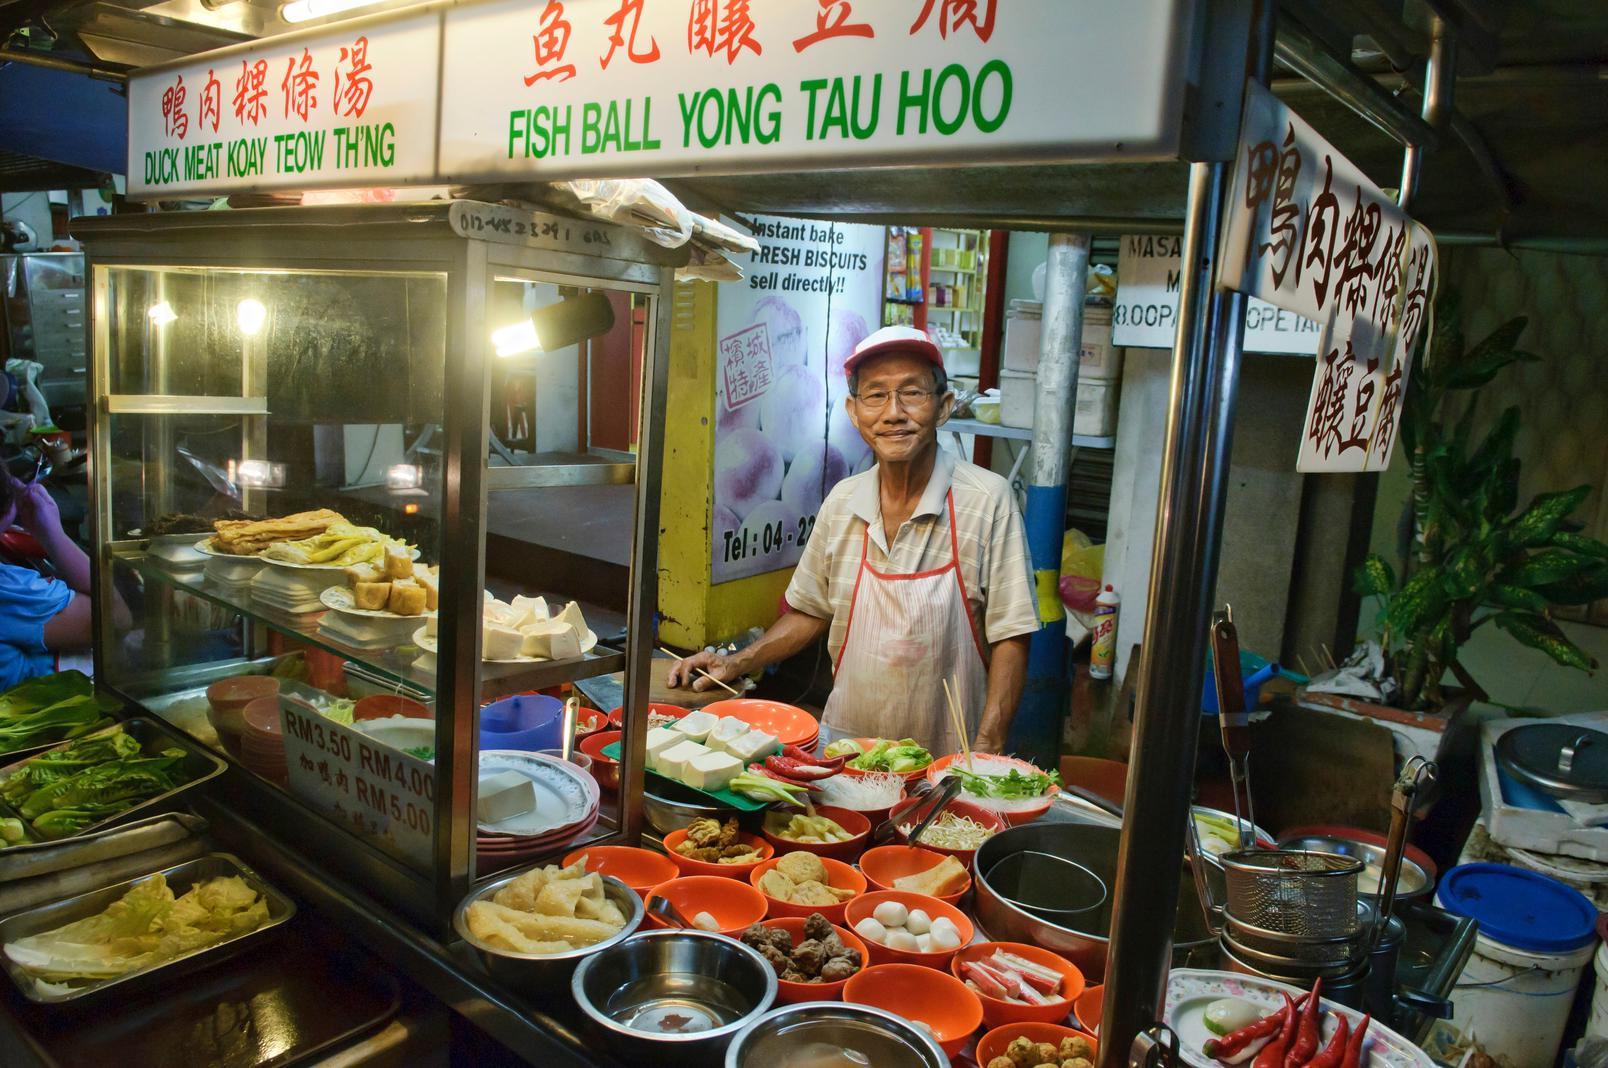 Penang's Duck Meat Koay Teow Th'ng and Fish Ball Yong Tau Hoo